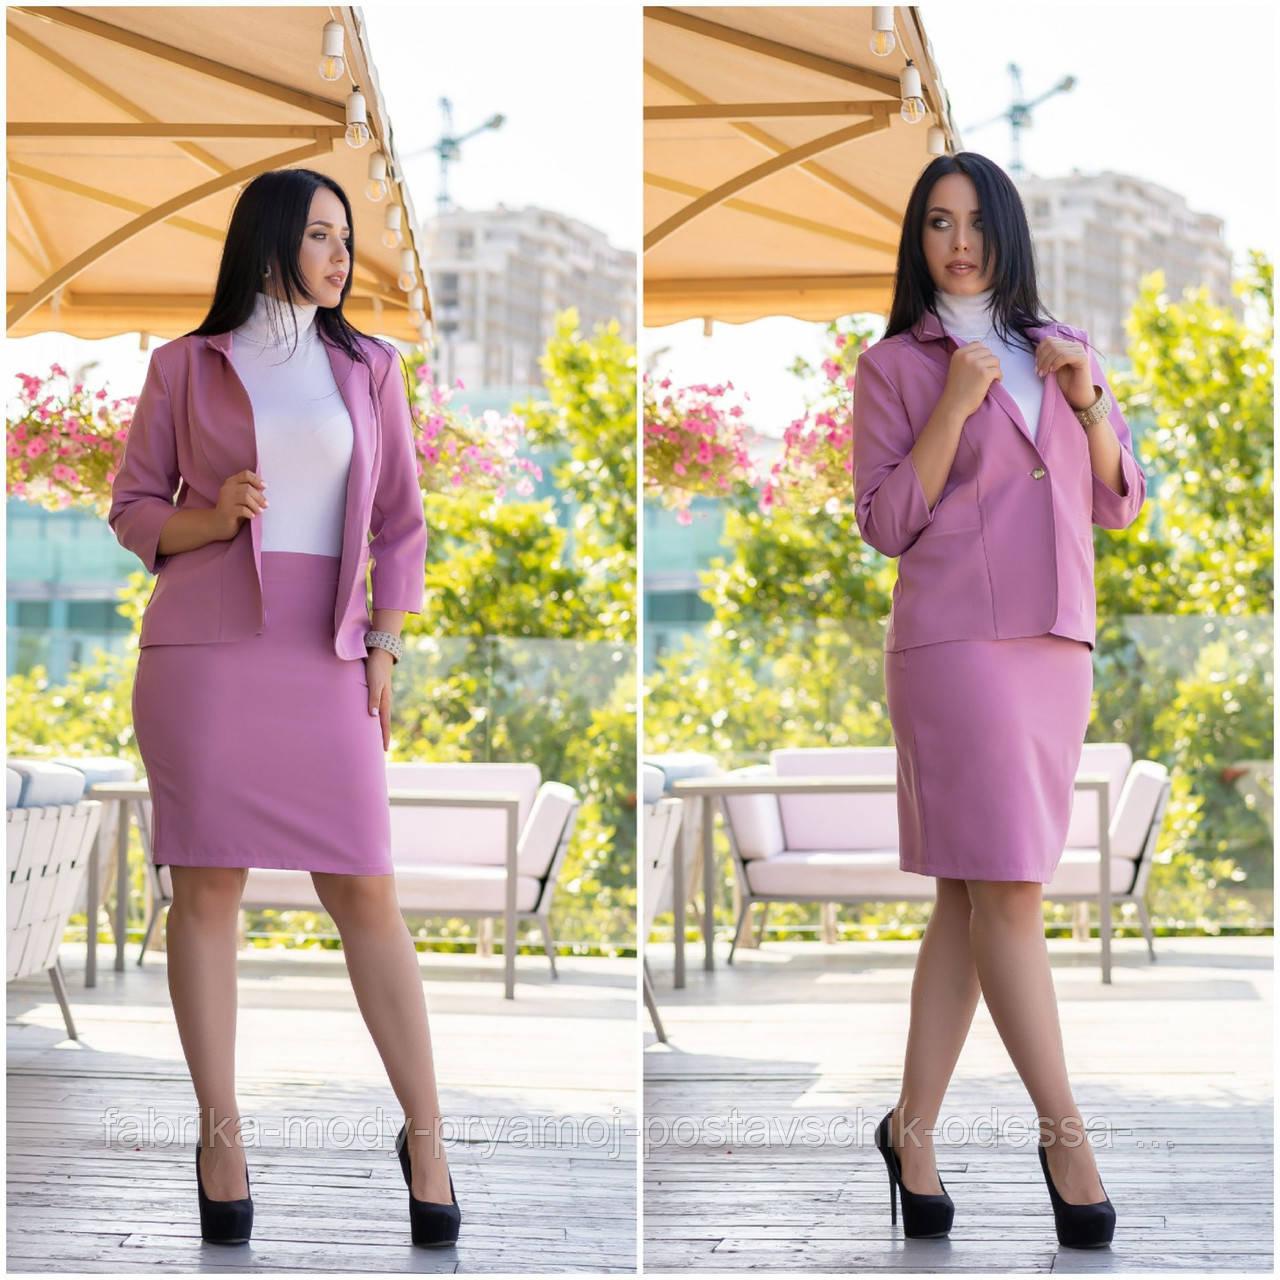 Женский  костюм с юбкой Нобилитас 50-56 размер №19040